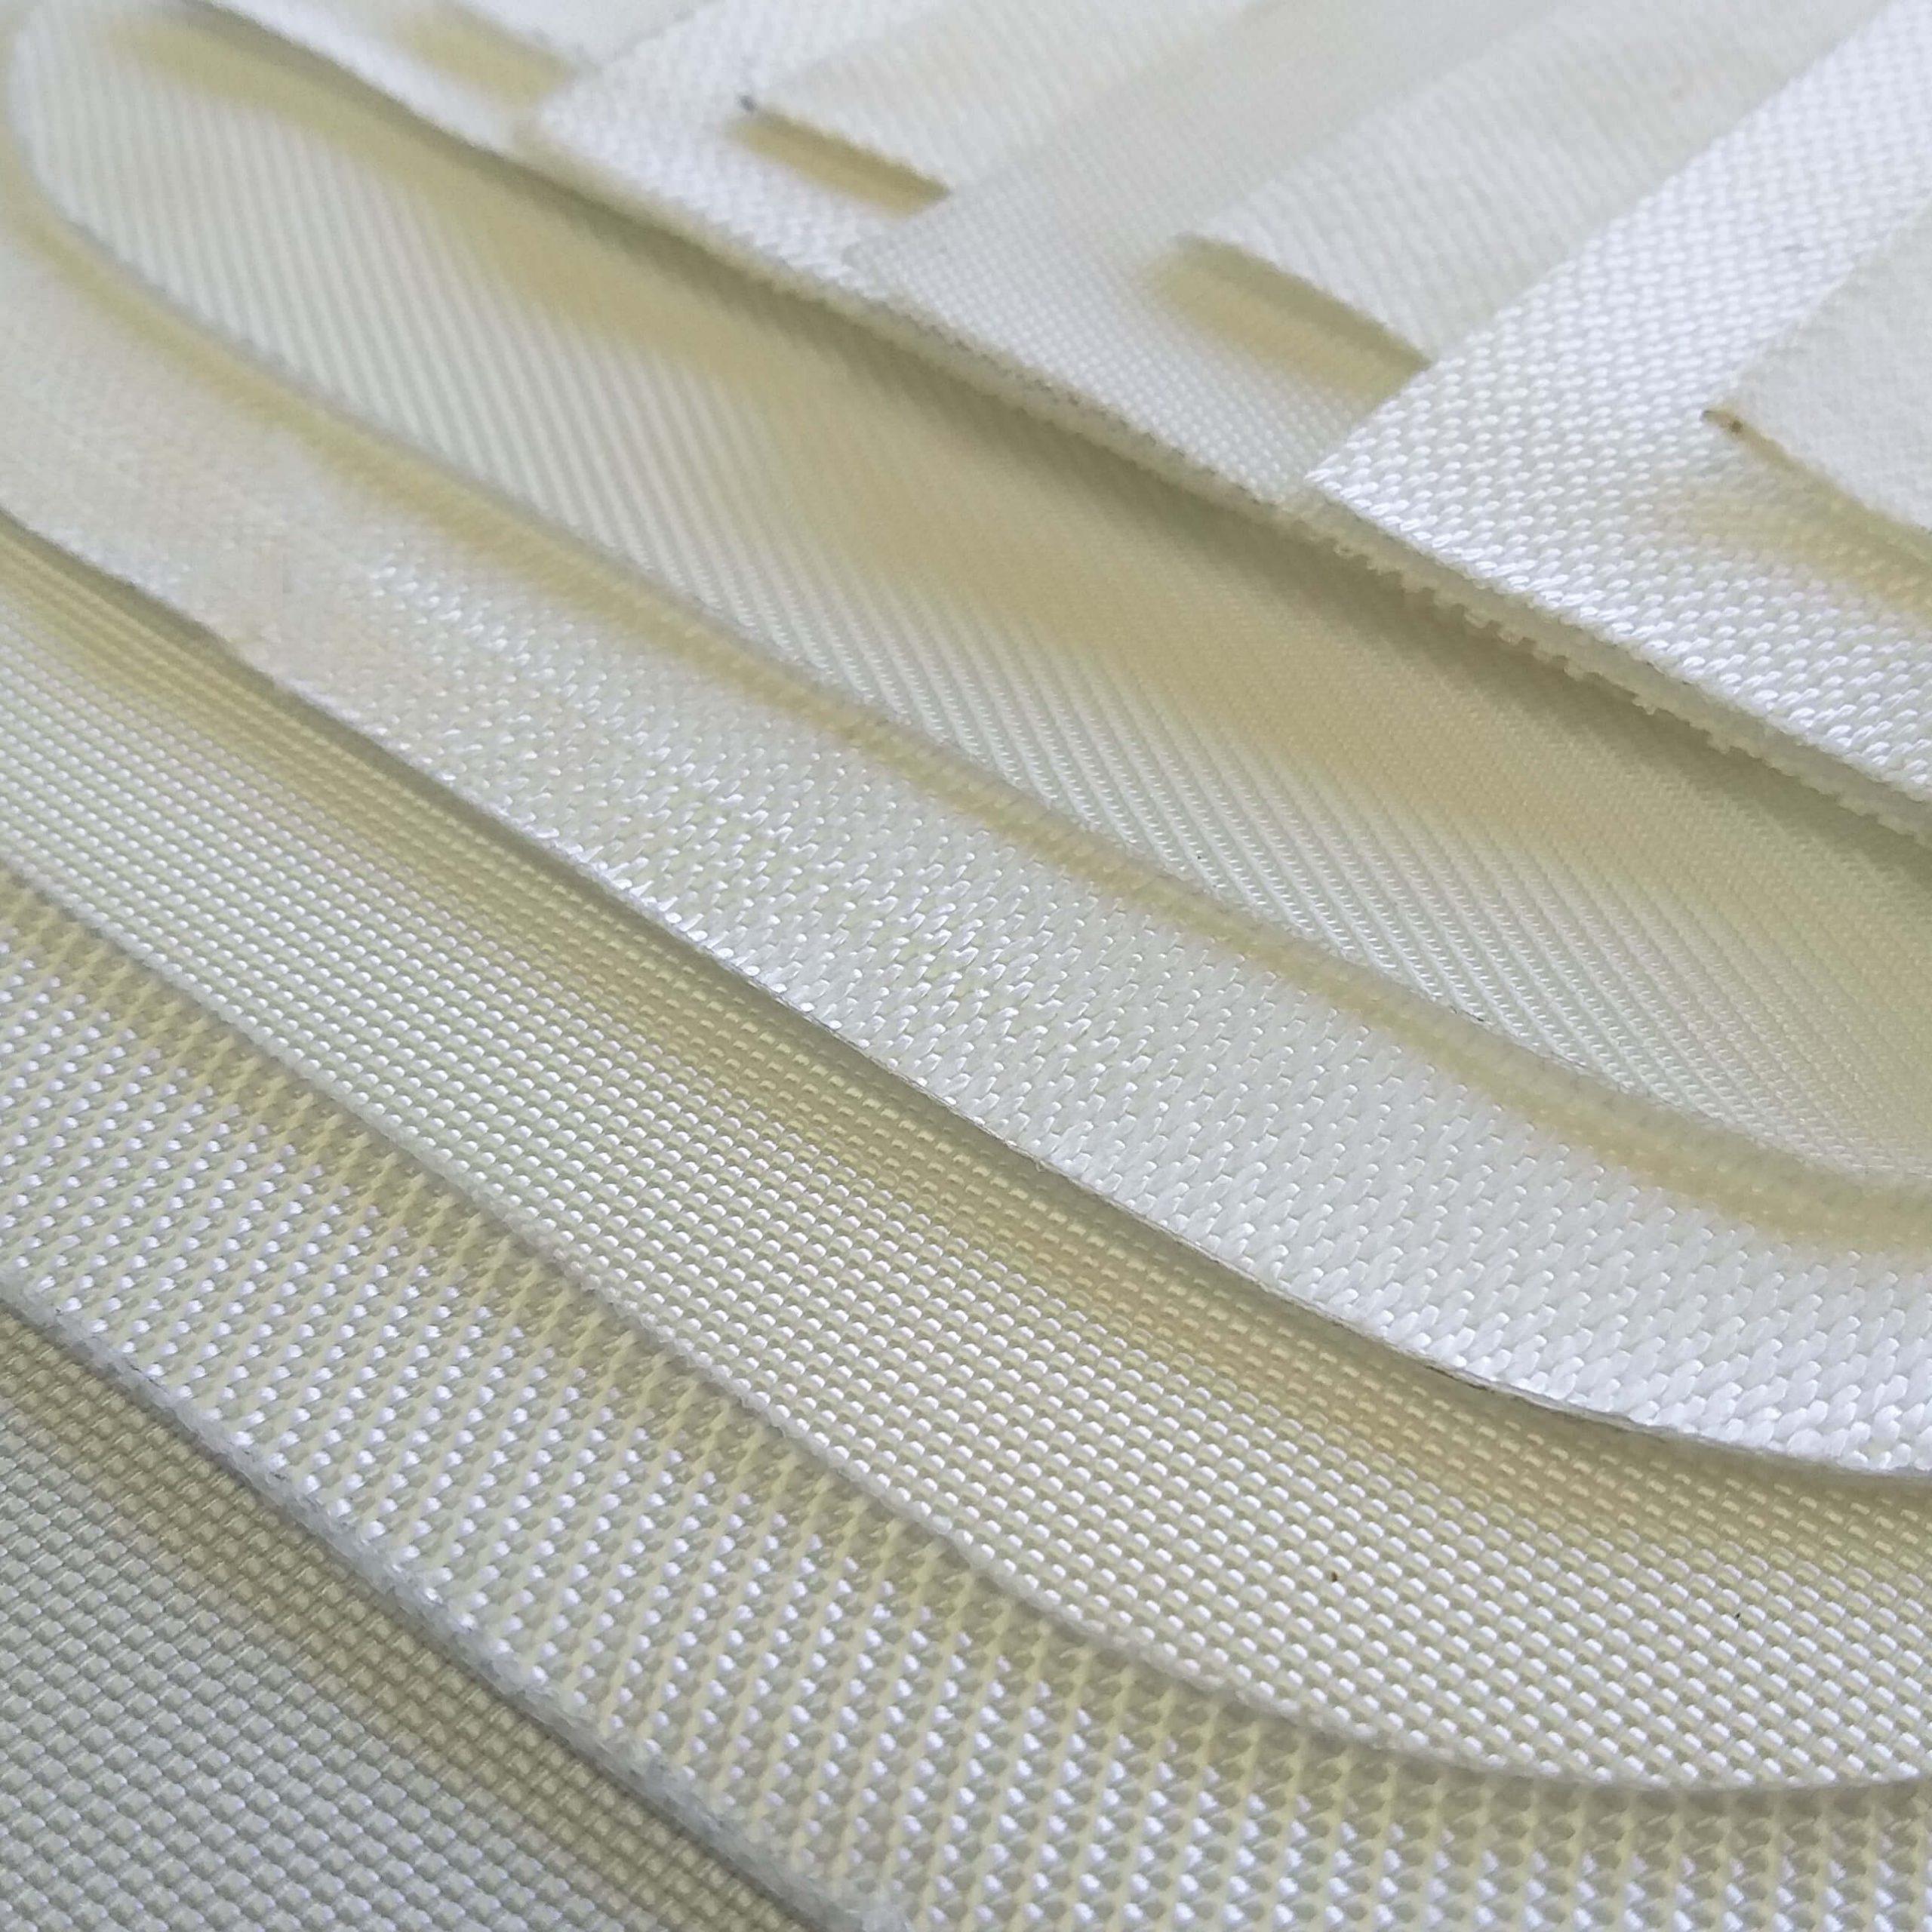 vários tecidos para tambor rotativo sobrepostos